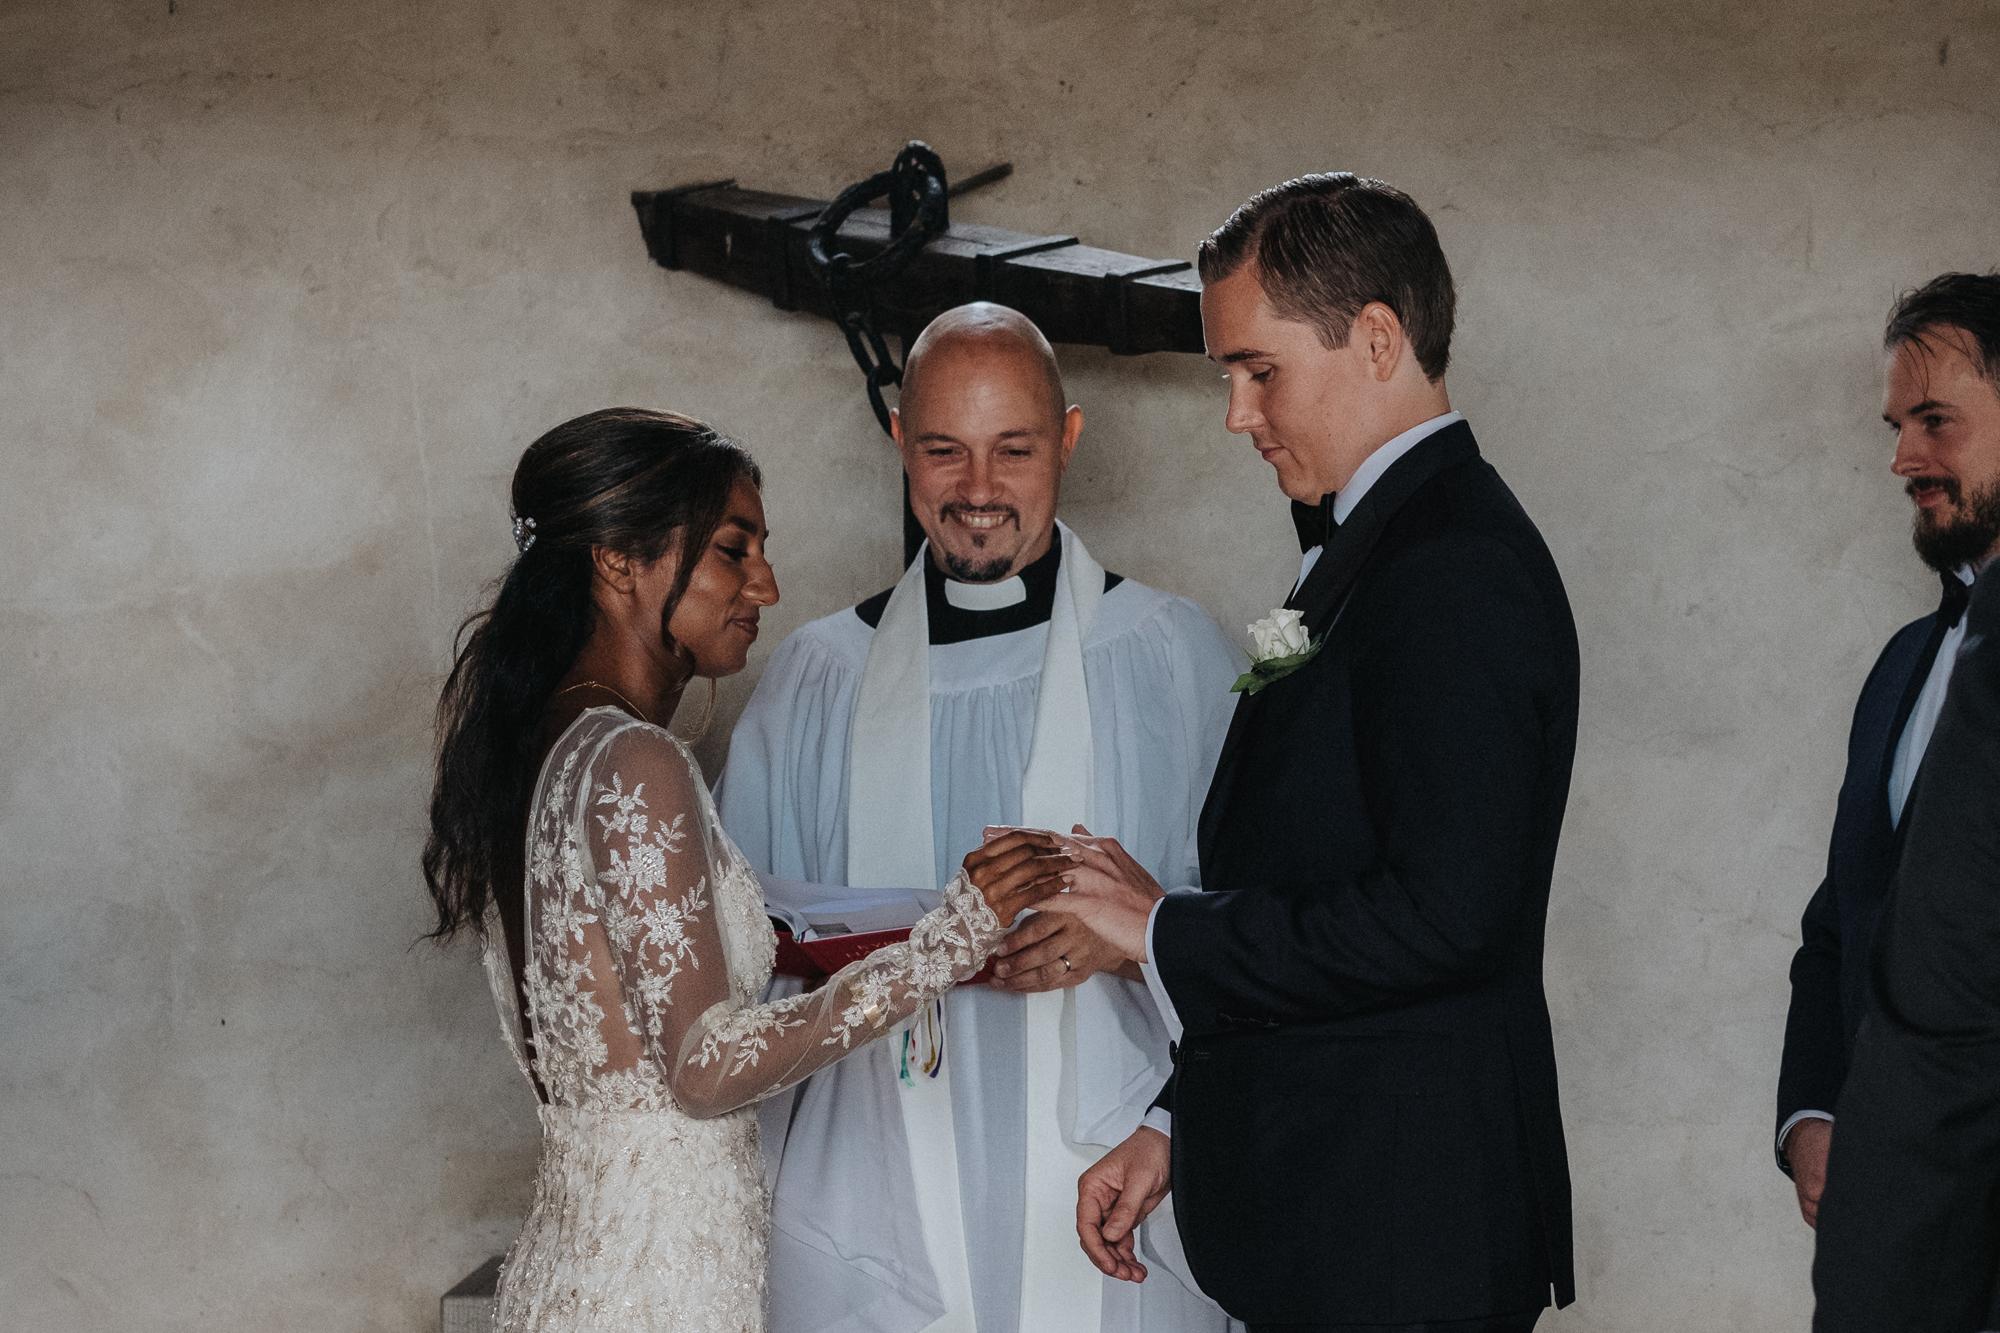 012-bröllop-kovik-gotland-neas-fotografi.jpg